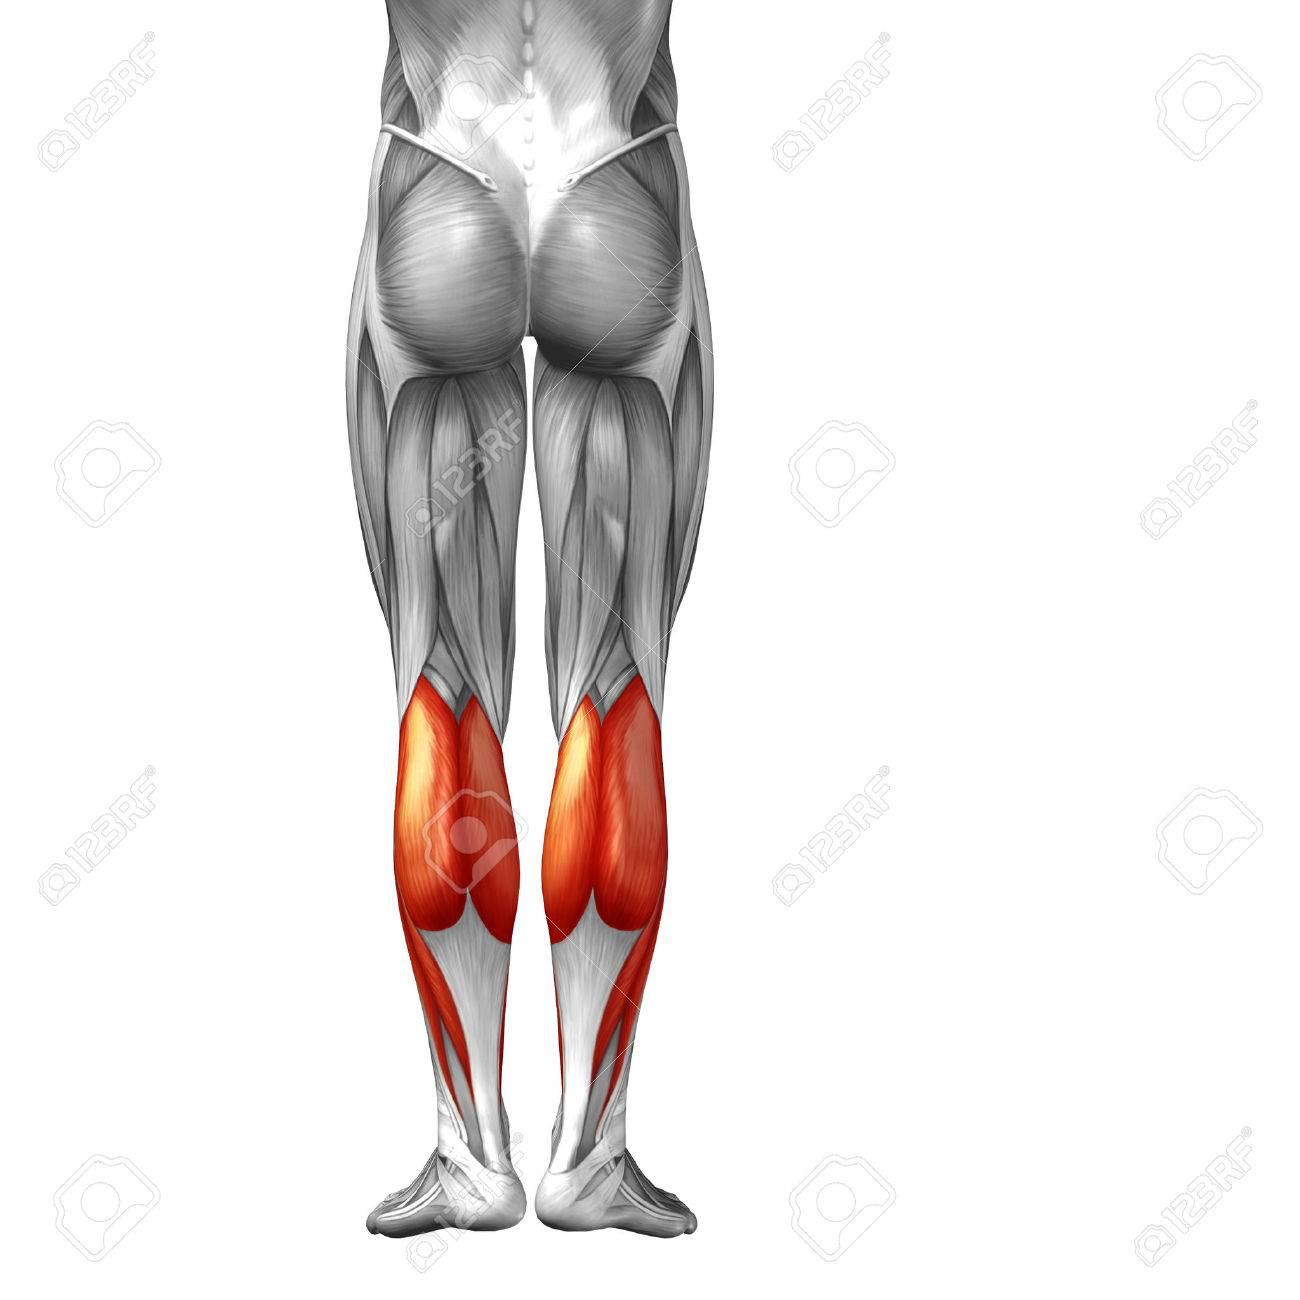 Begrifflich 3D Zurück Unterschenkel Menschliche Anatomie Oder ...